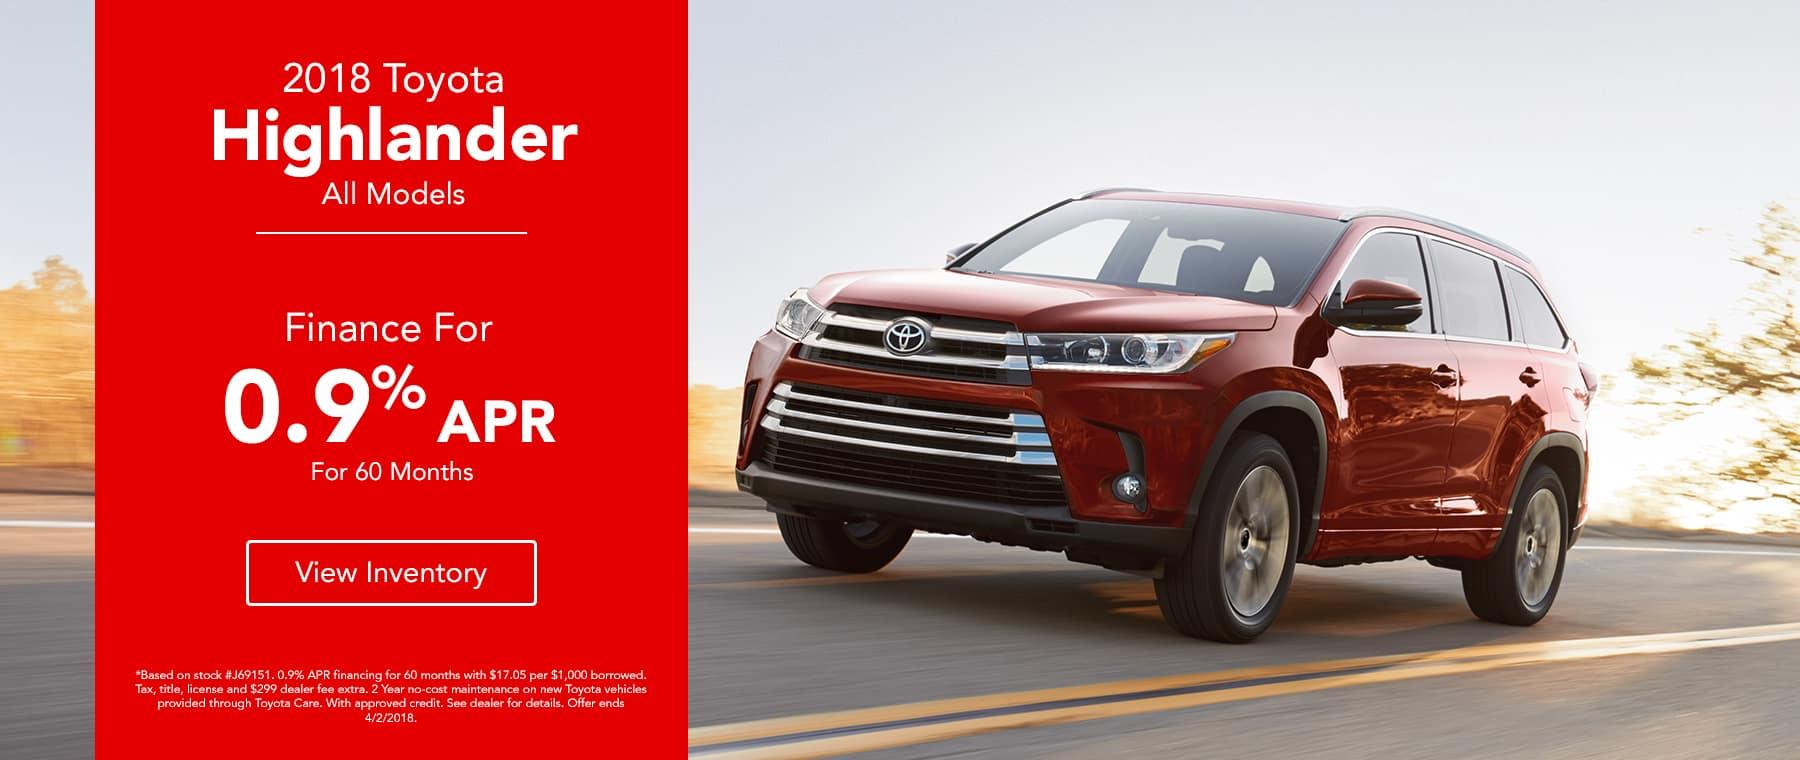 Toyota Highlander - Finance for 0.9% APR for 60 Months